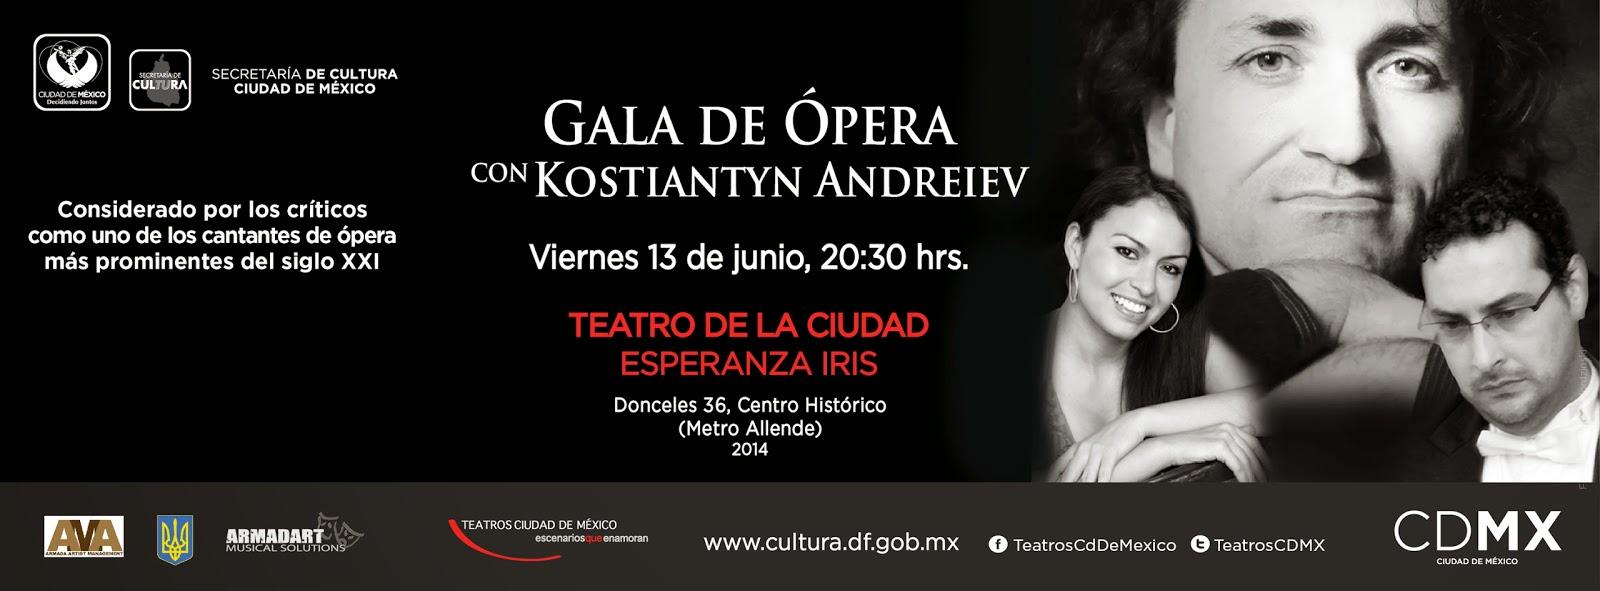 Gala de Ópera con Kostiantyn Andreiev en el Teatro de la Ciudad